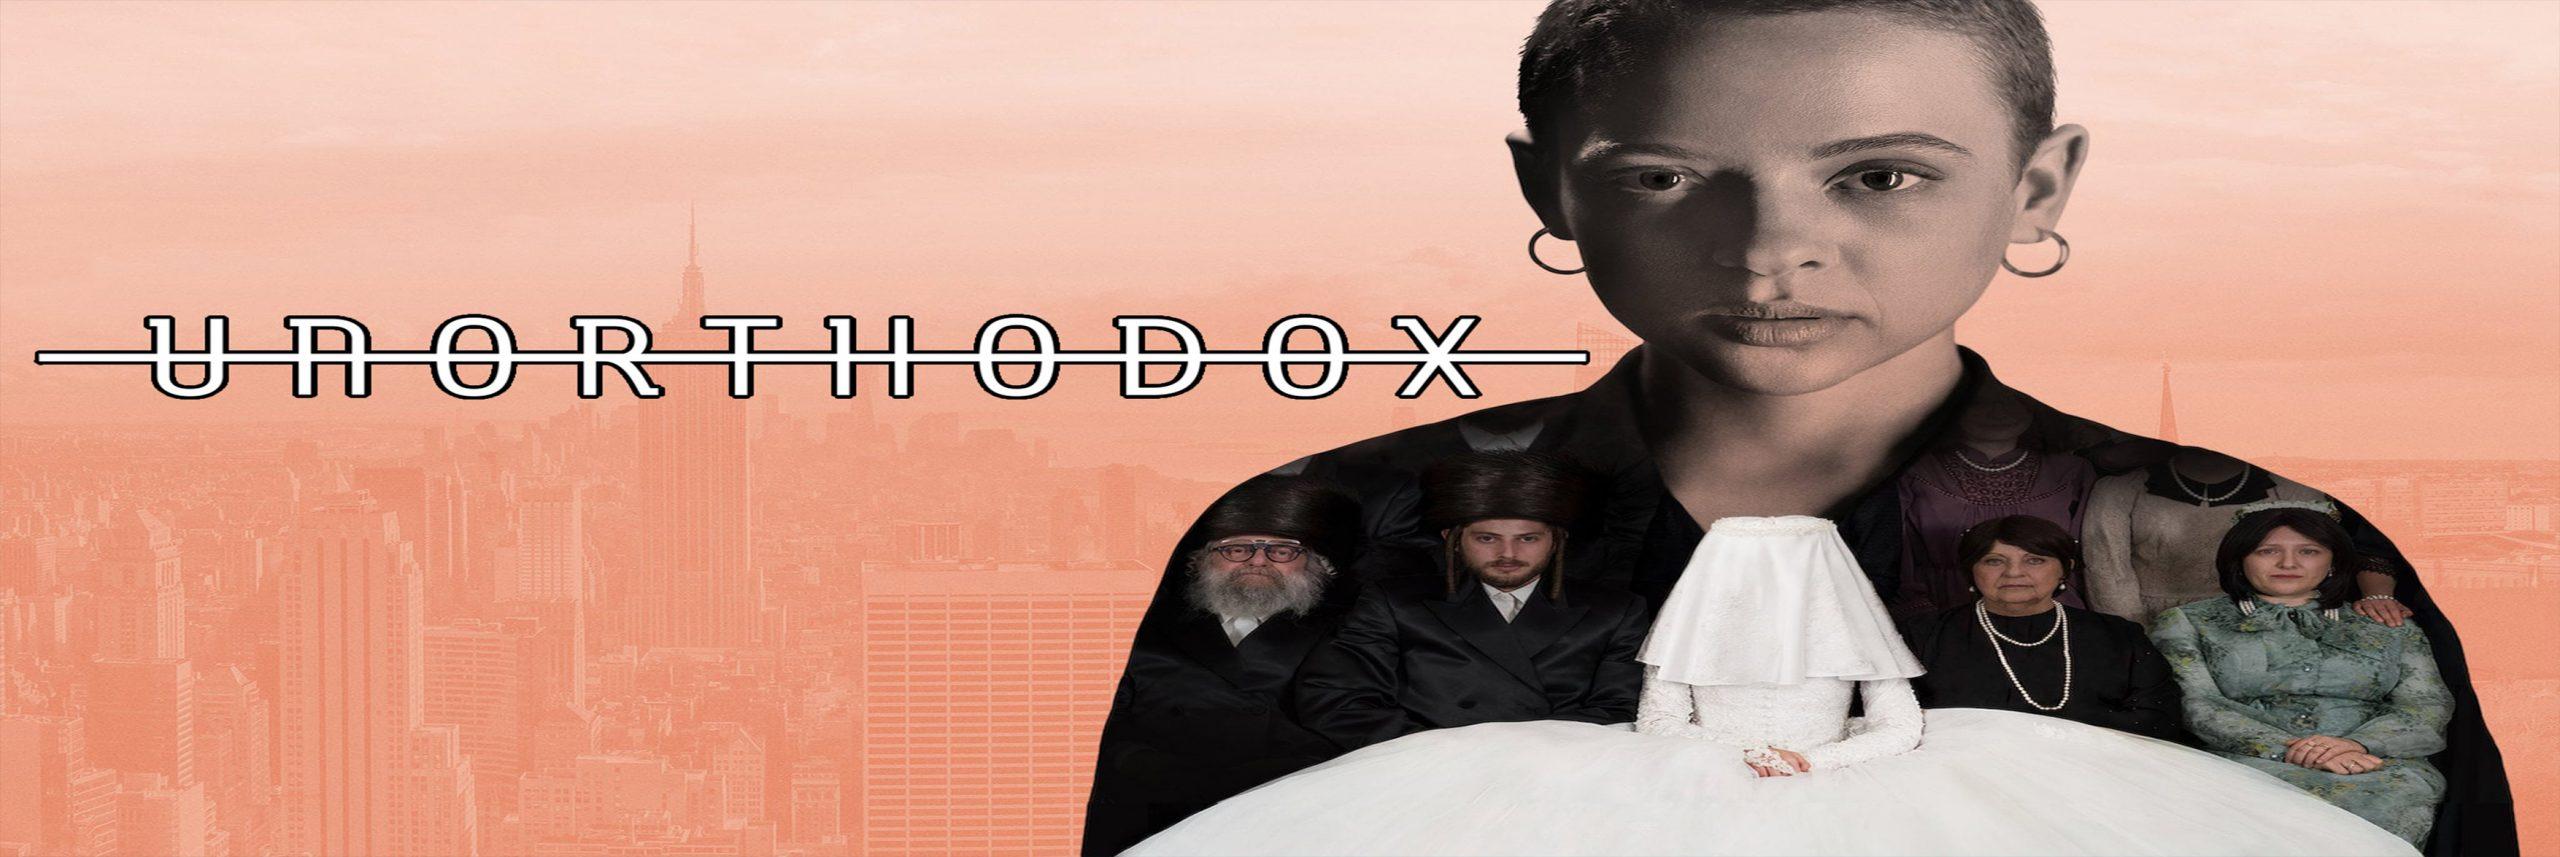 غیر ممکن – Unorthodox